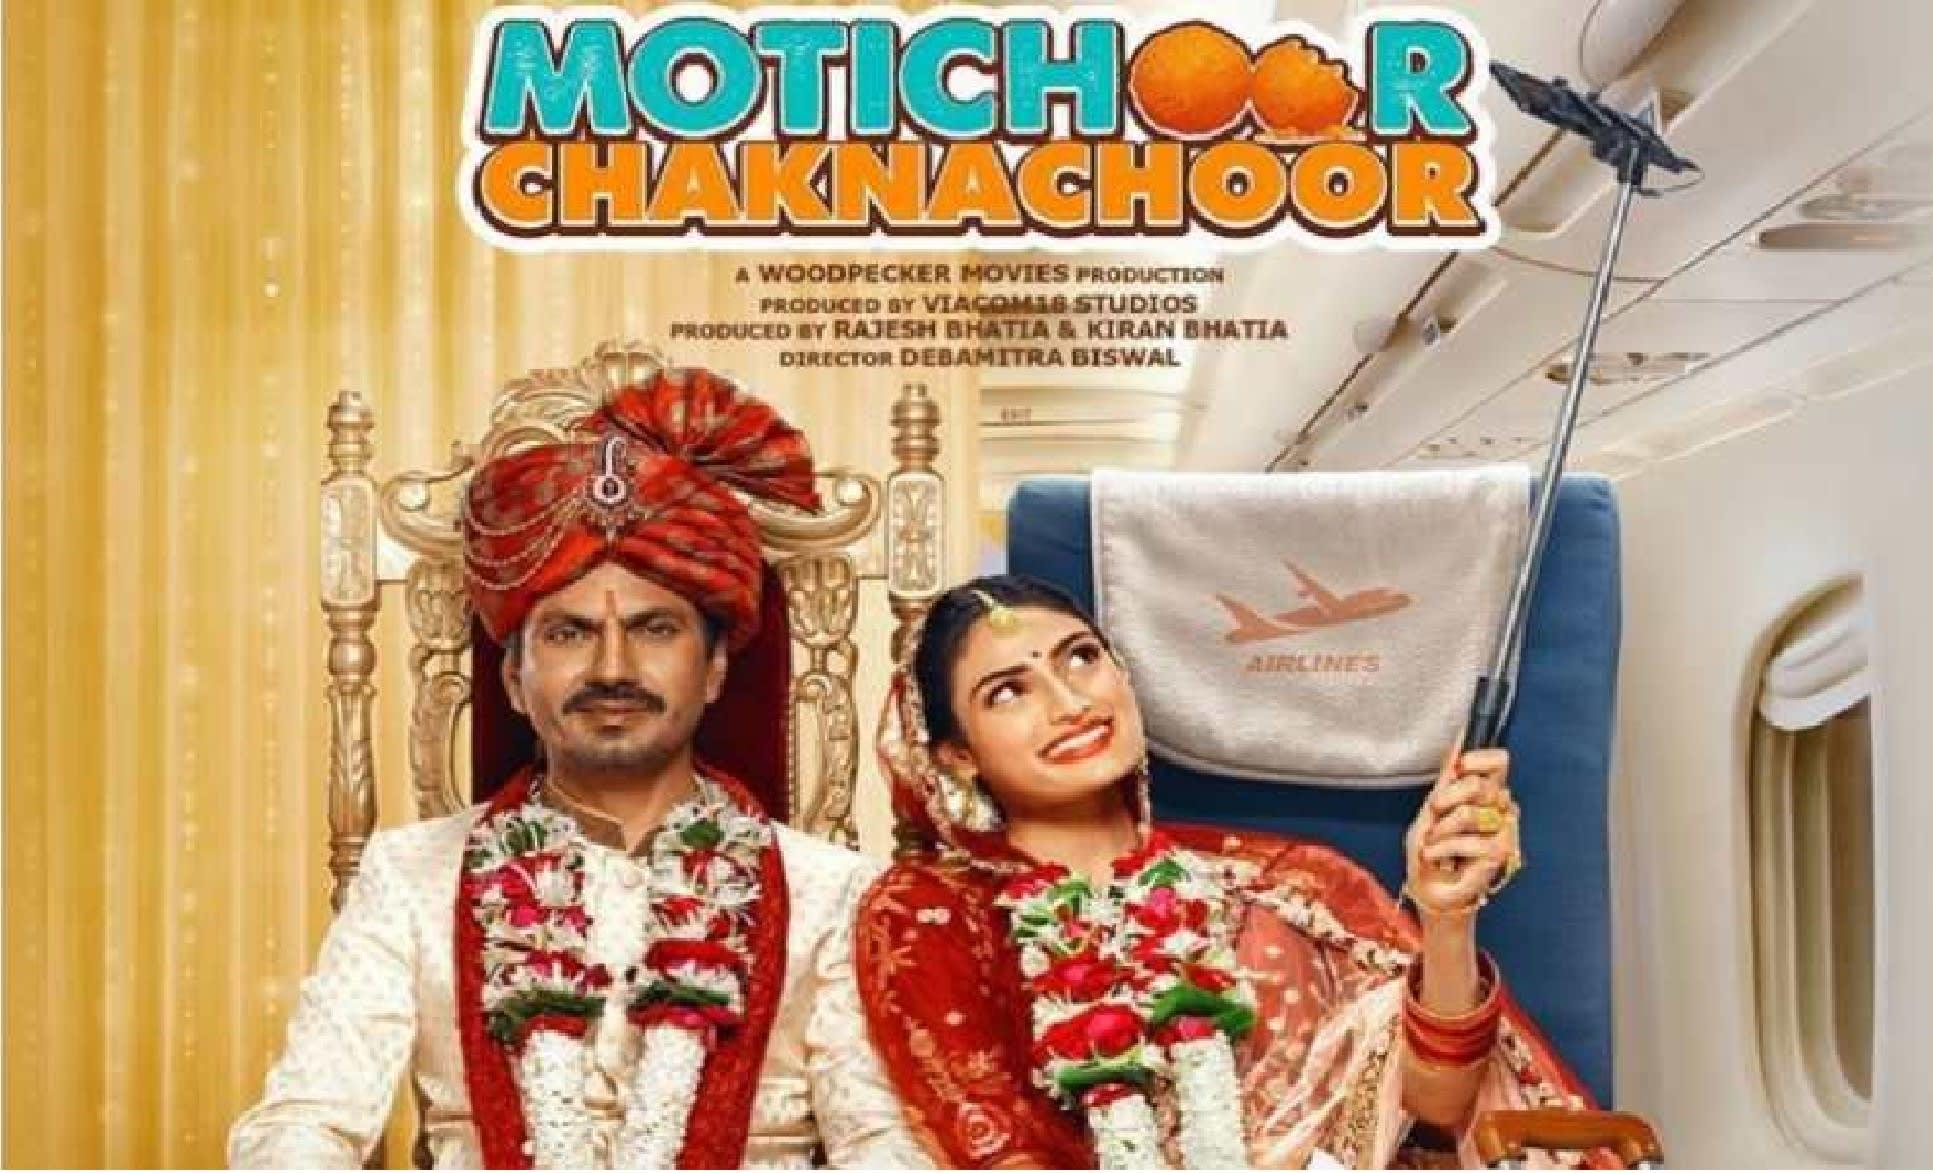 Motichoor Chaknachoor Full Movie Download in HD 720p- Tamilrockers